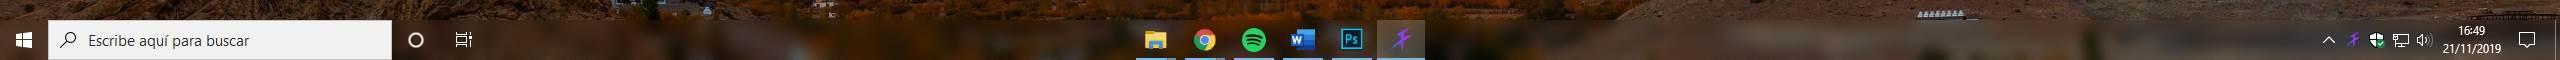 Personalizar barra de tareas Windows 10 - 2